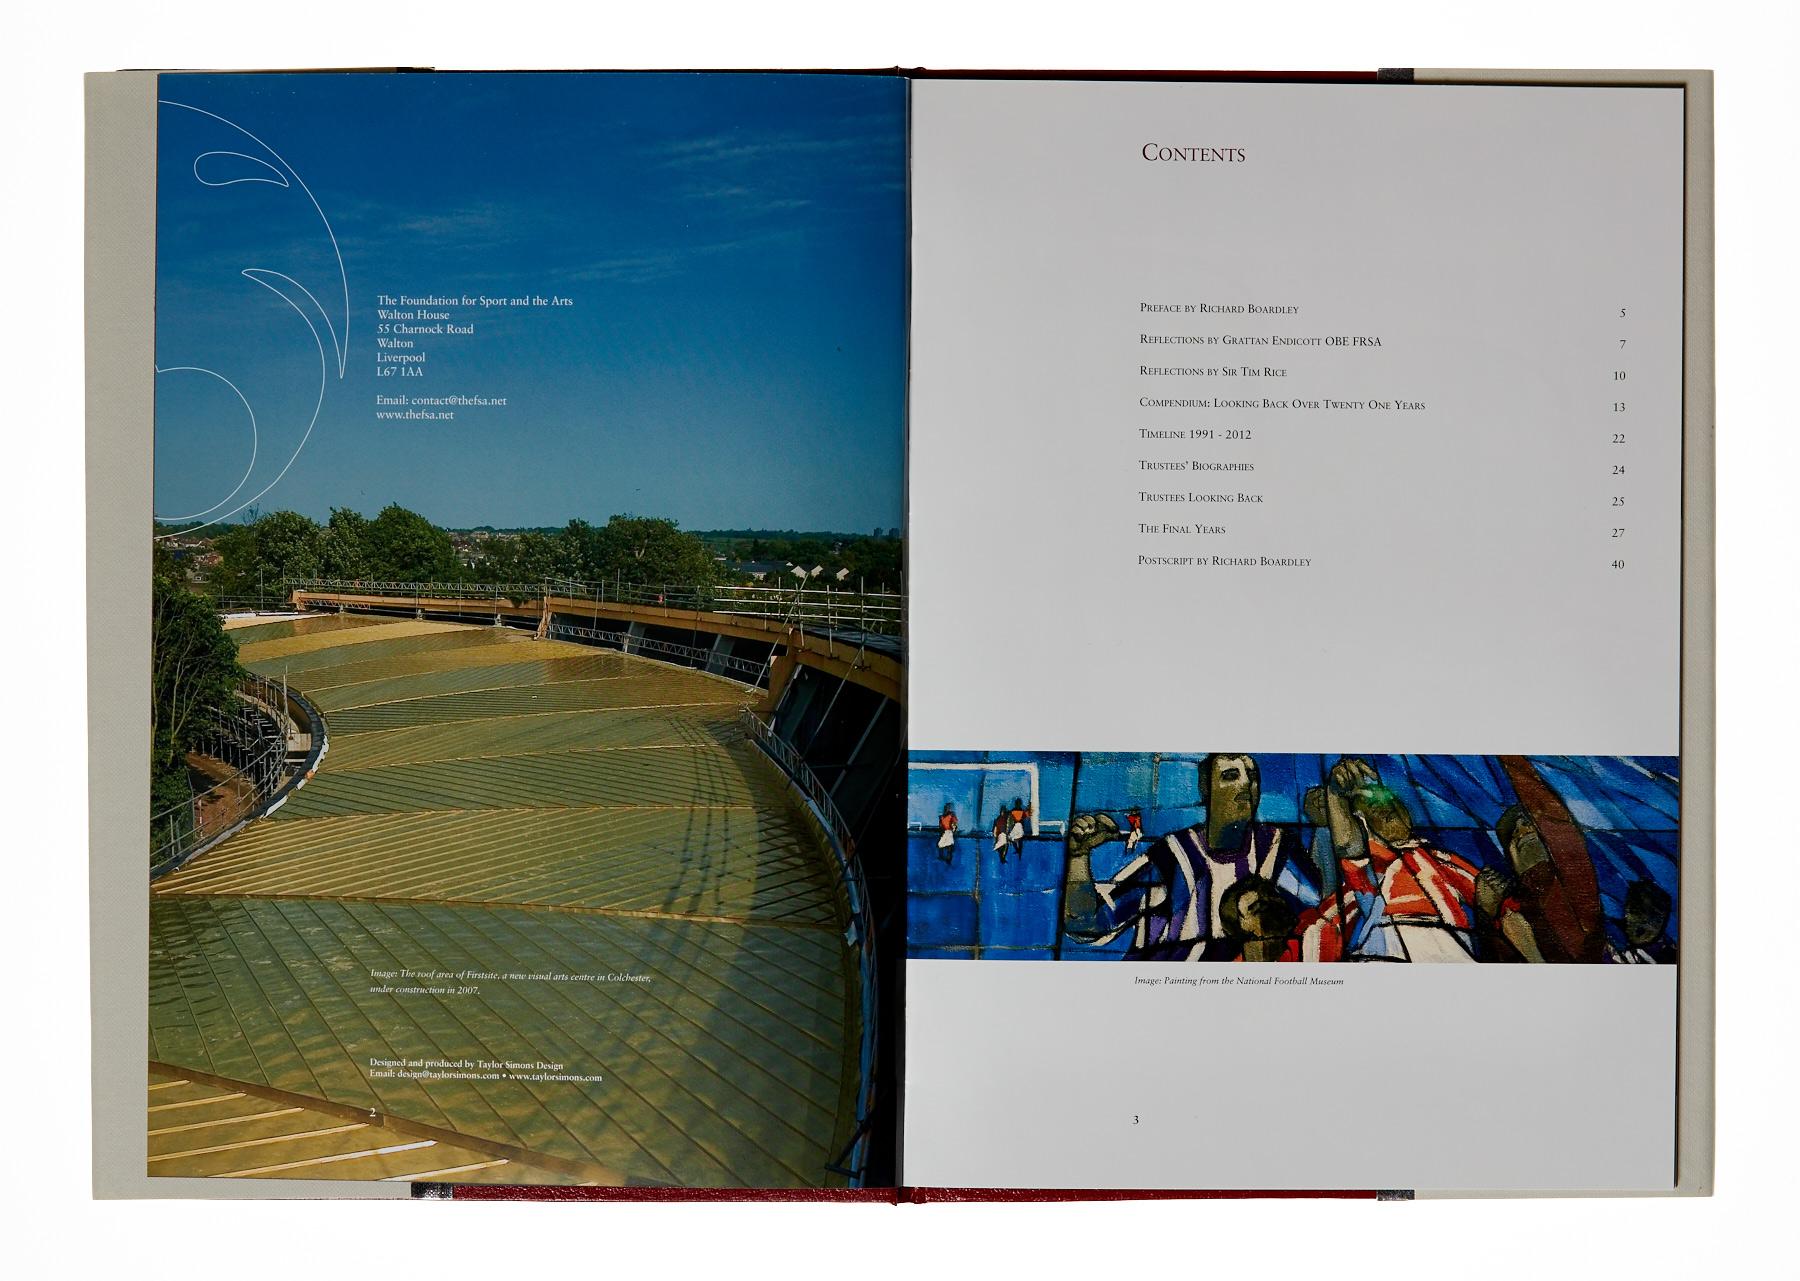 foundation-sport-arts-2012-02.jpg